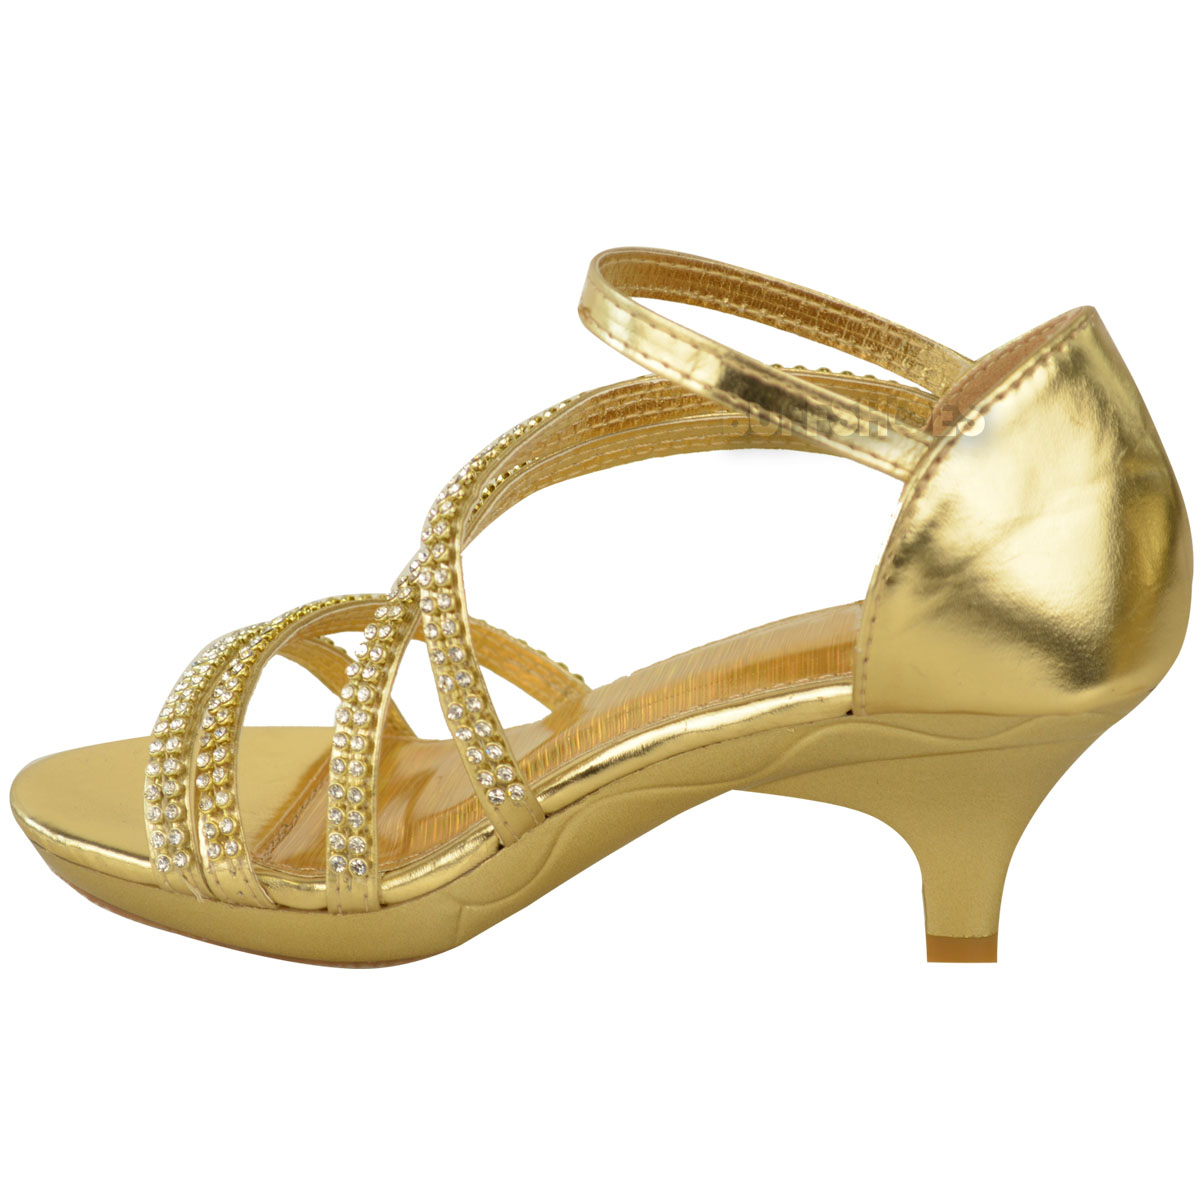 Niñas Niños Childrens Tacón Bajo Correa De Dama De Honor Fiesta Noche Diamante Zapatos Talla